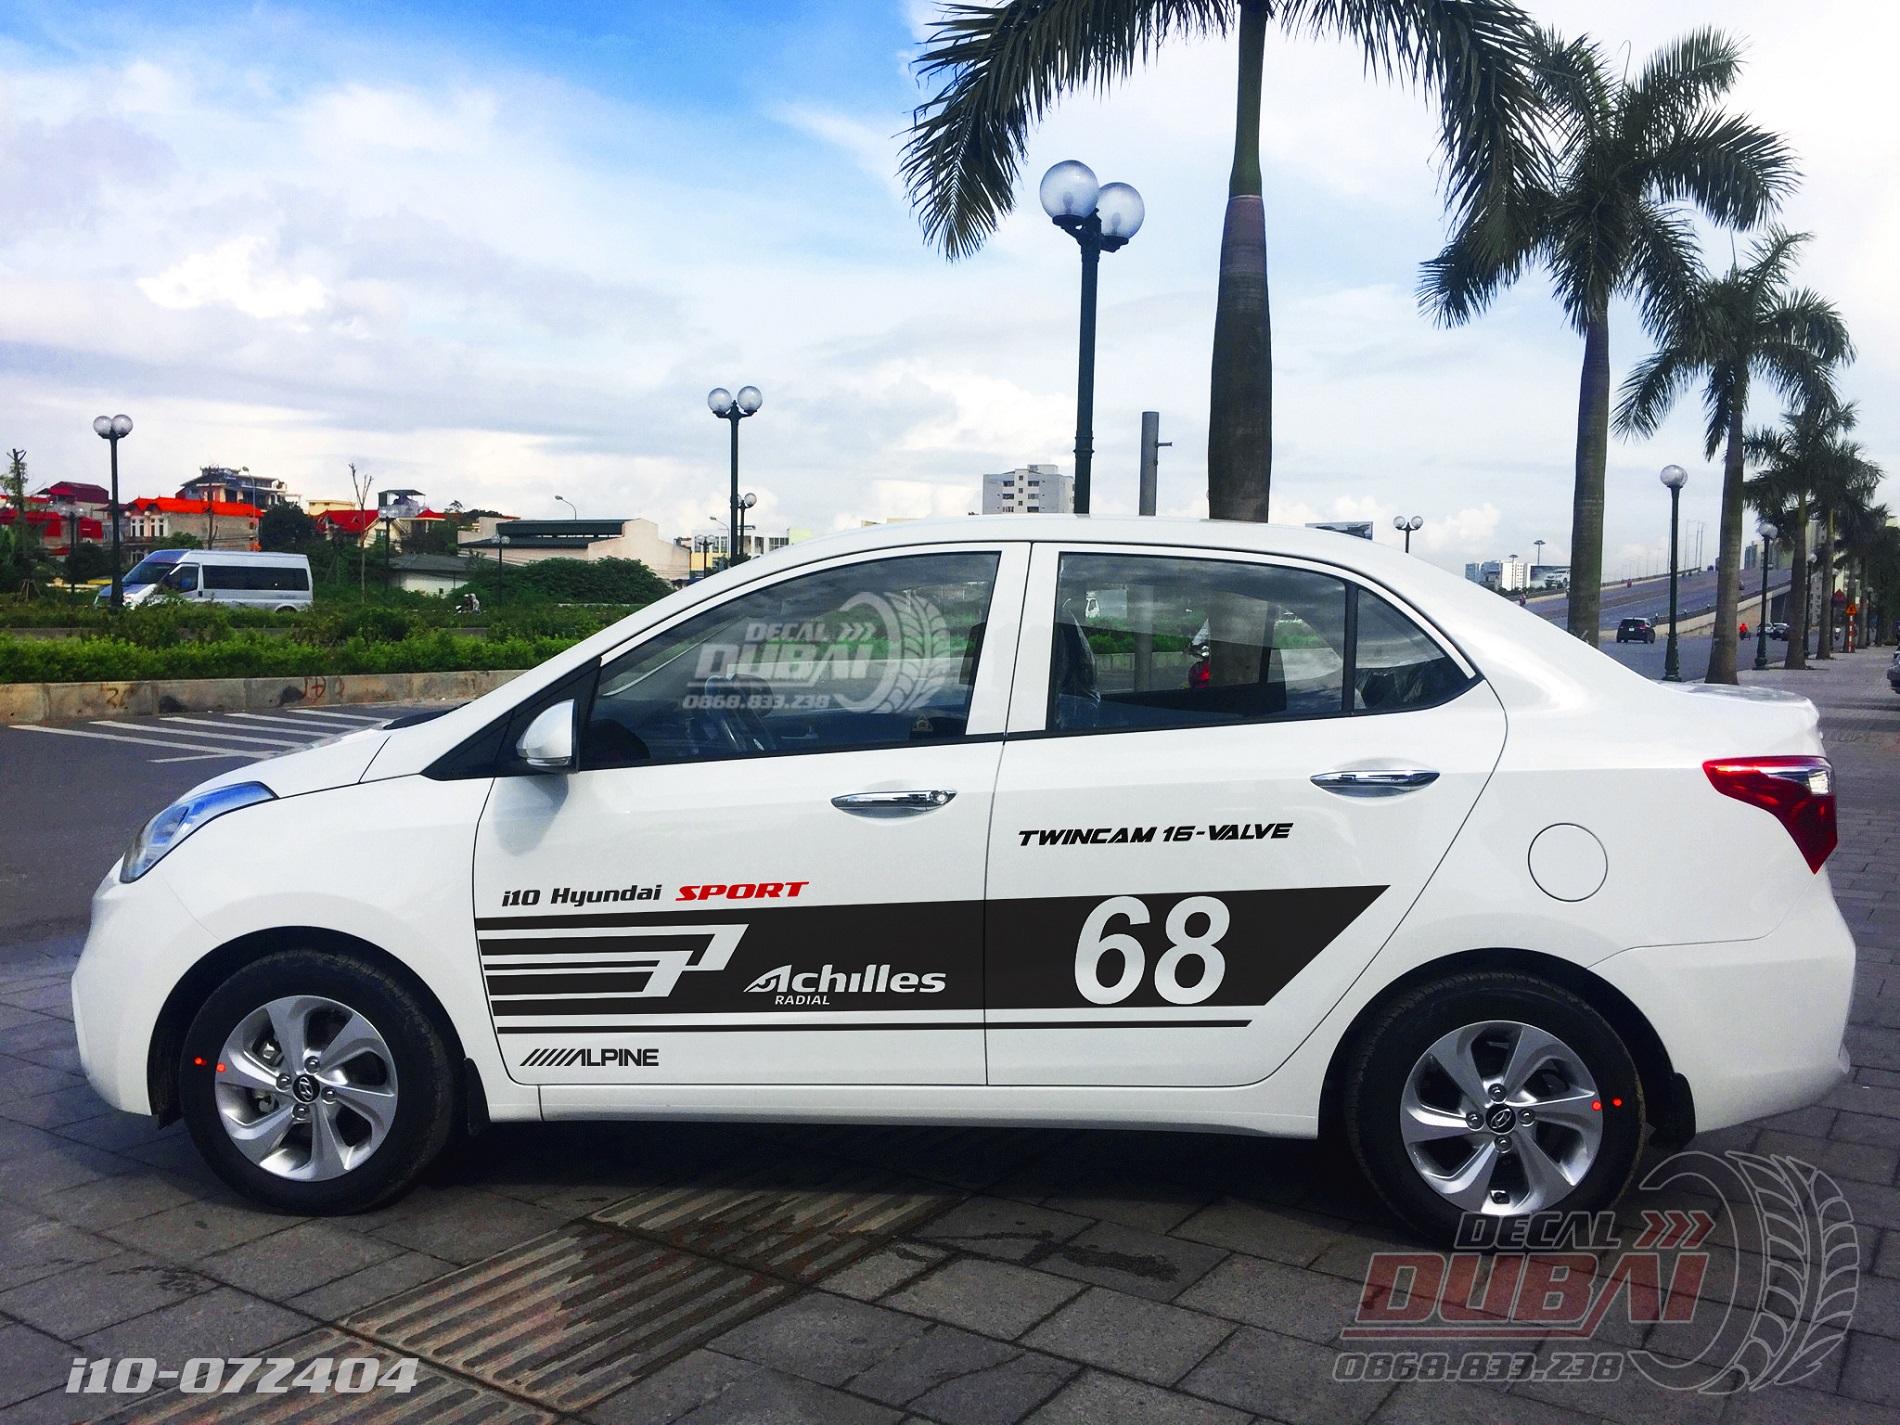 Tem-Xe-i10-sedan-072404-750k